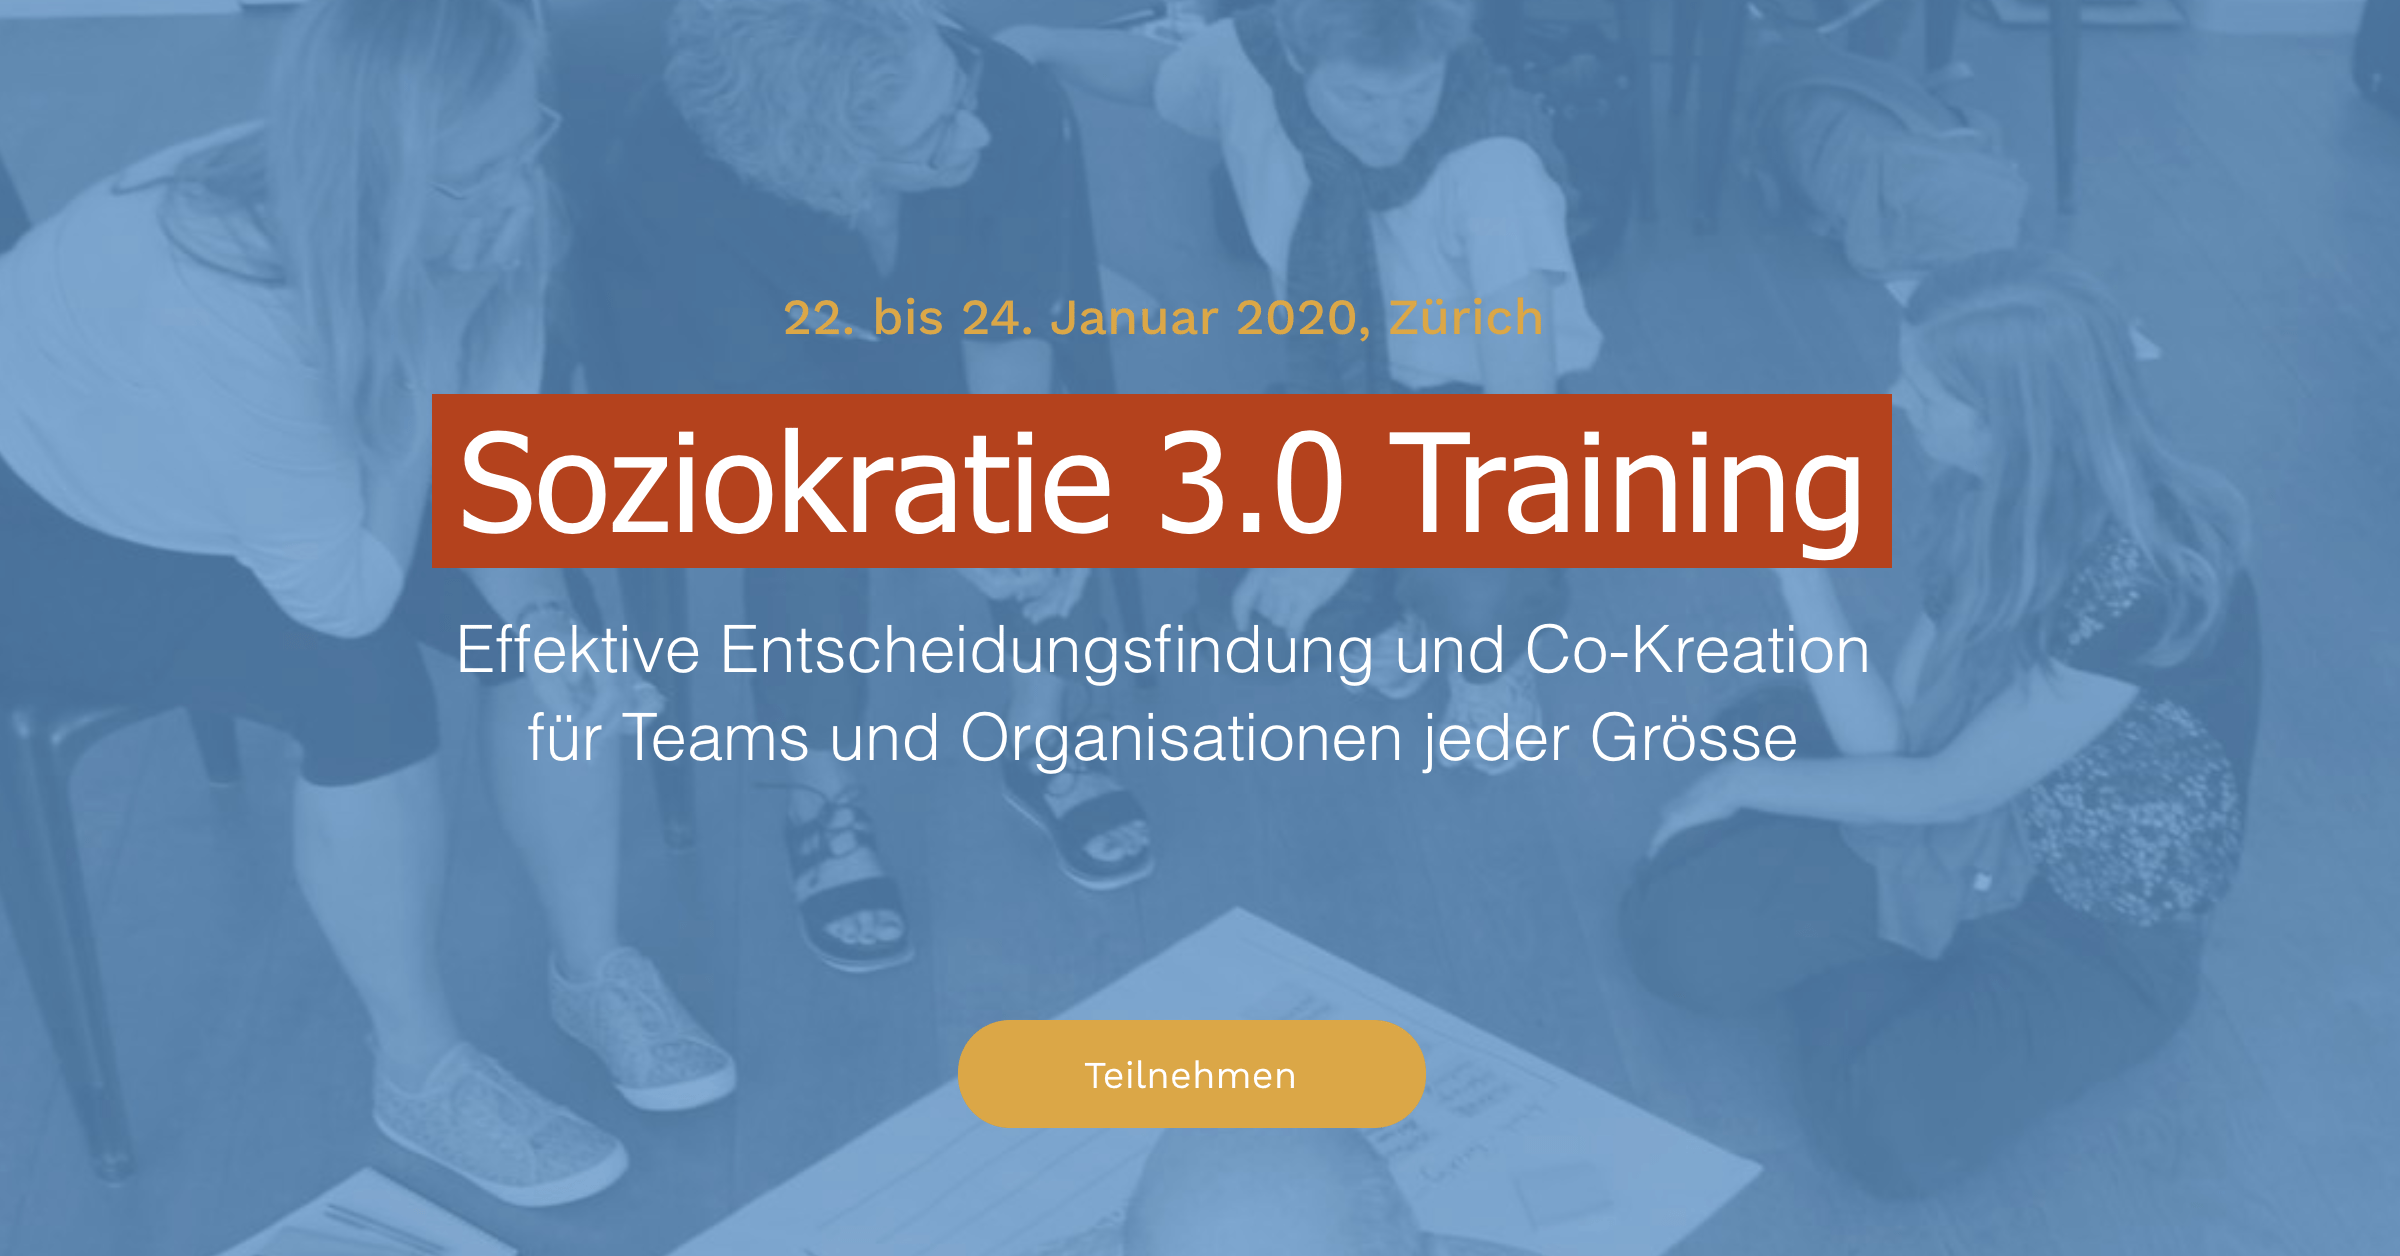 Soziokratie 3.0 Training Schweiz